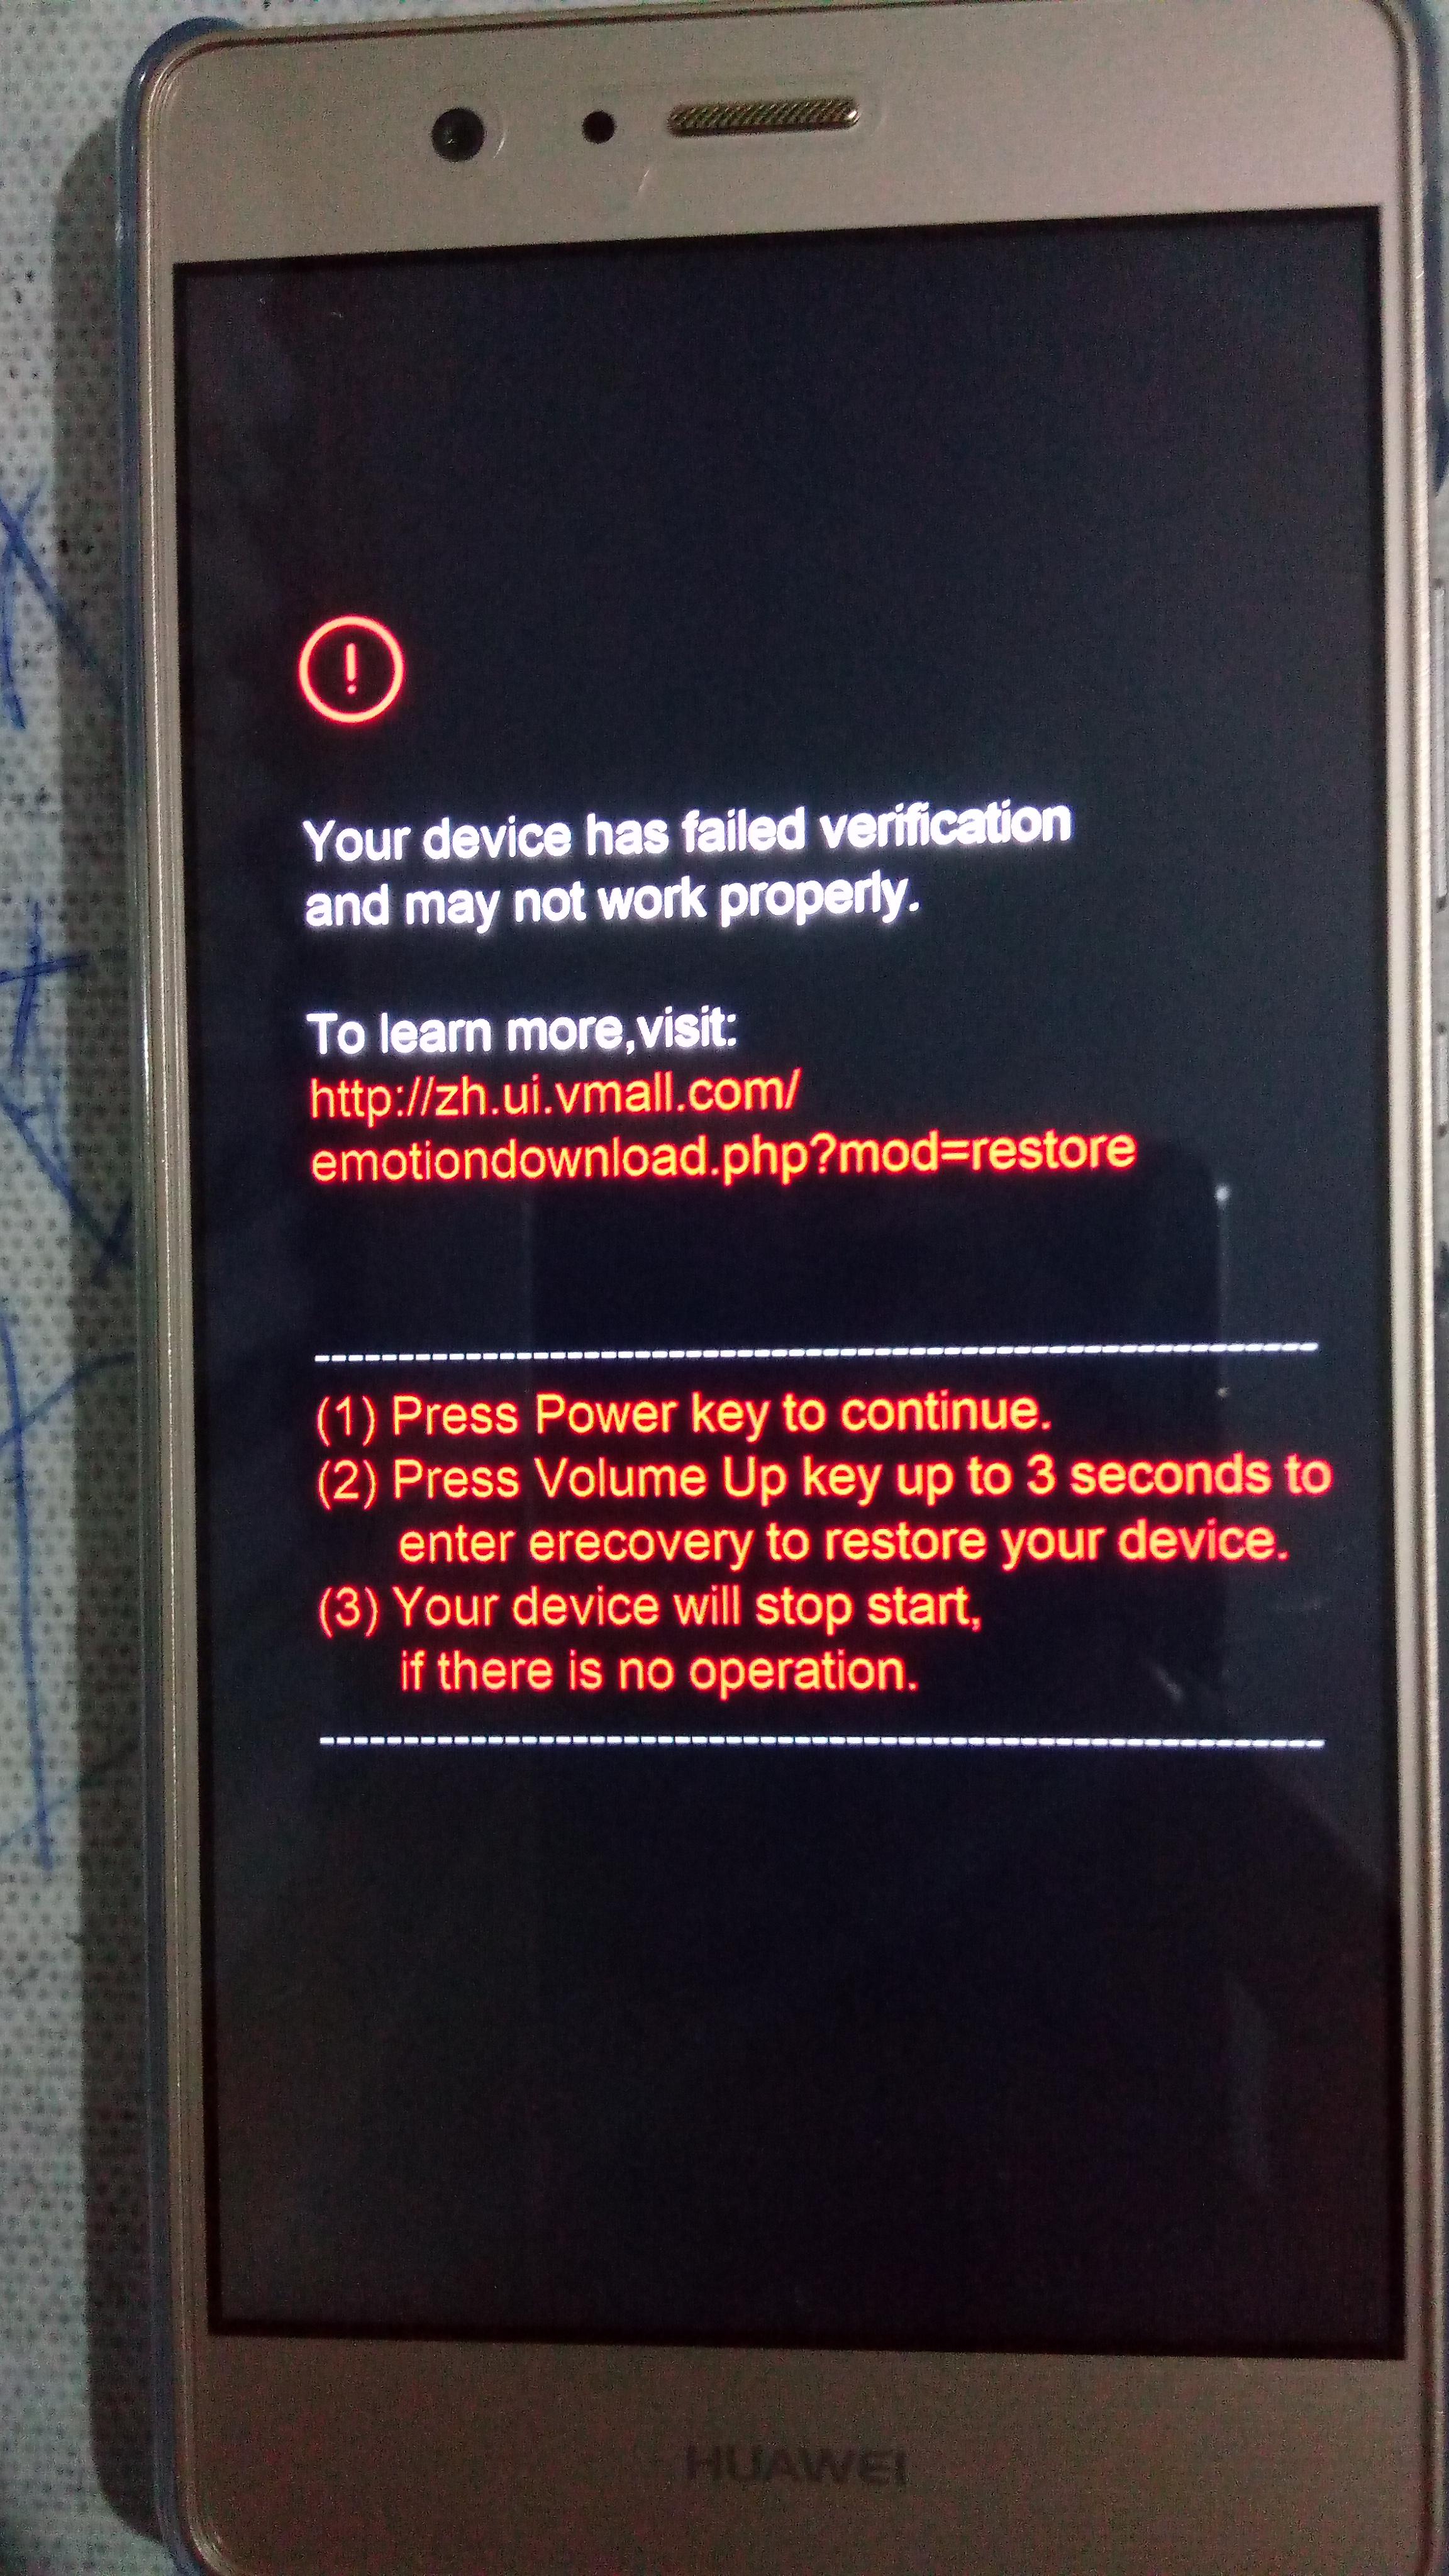 Huawei p9 lite güncelleme sonrası yaşanan sorunlar » Sayfa 1 - 1